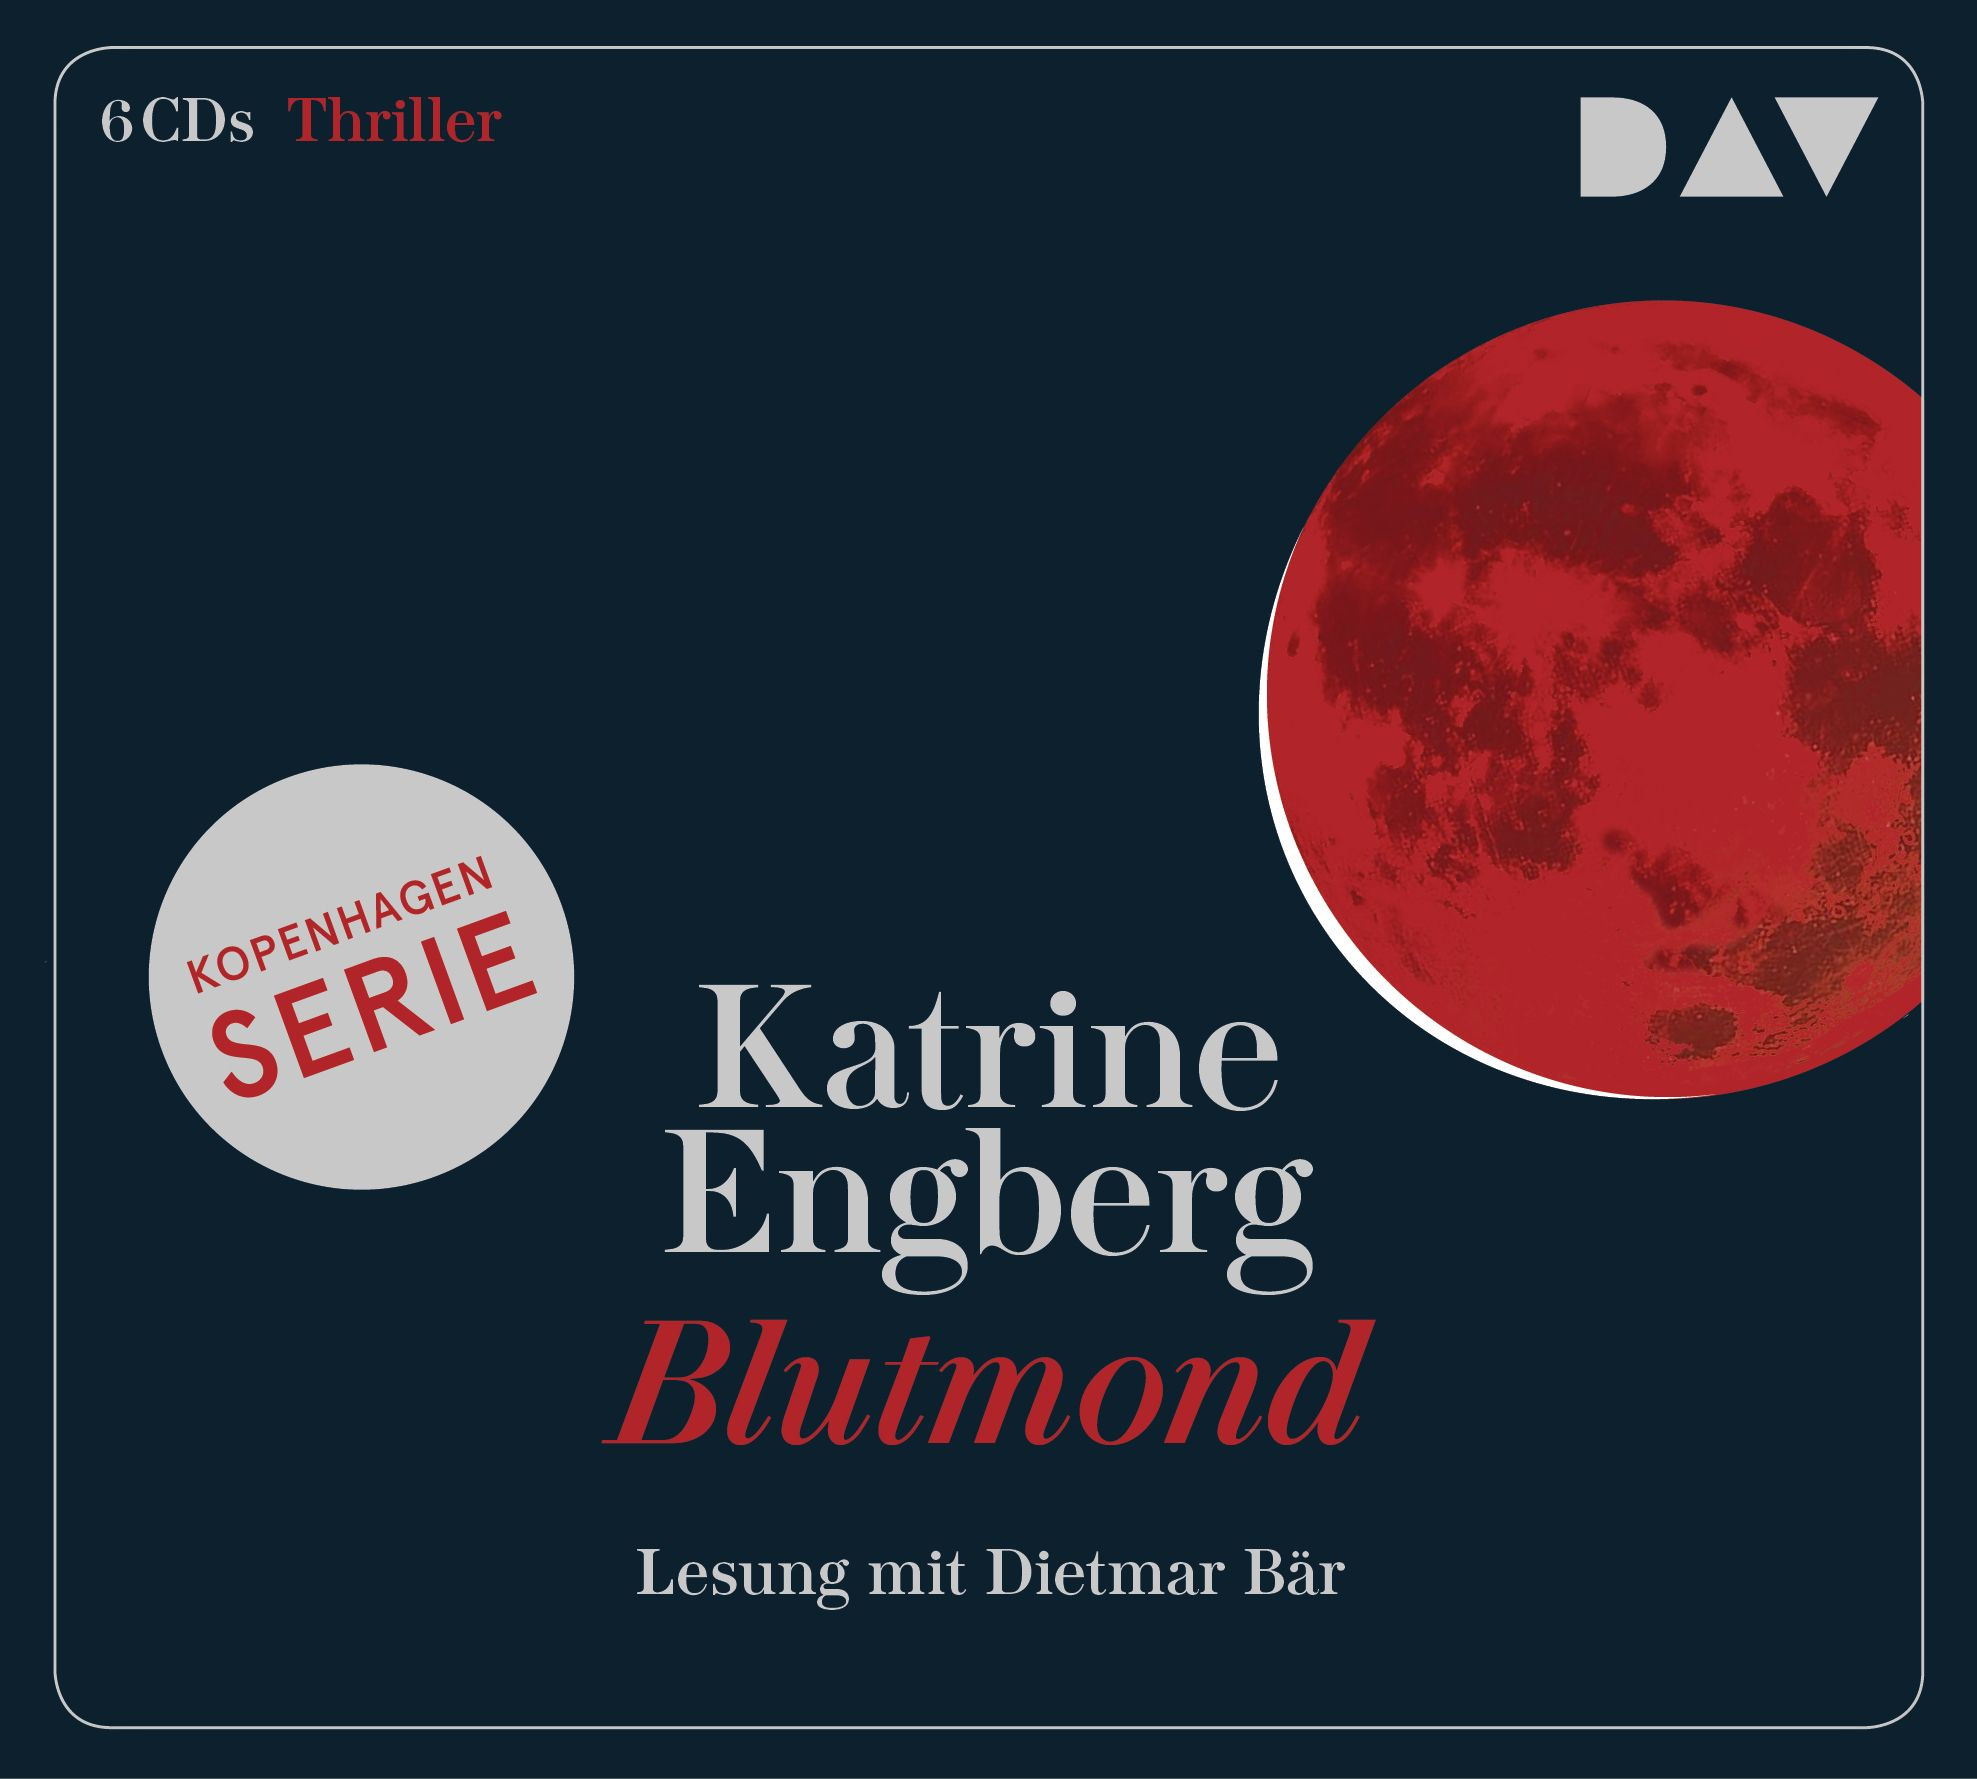 Katerine Engberg - Blutmond. Ein Kopenhagen-Thriller